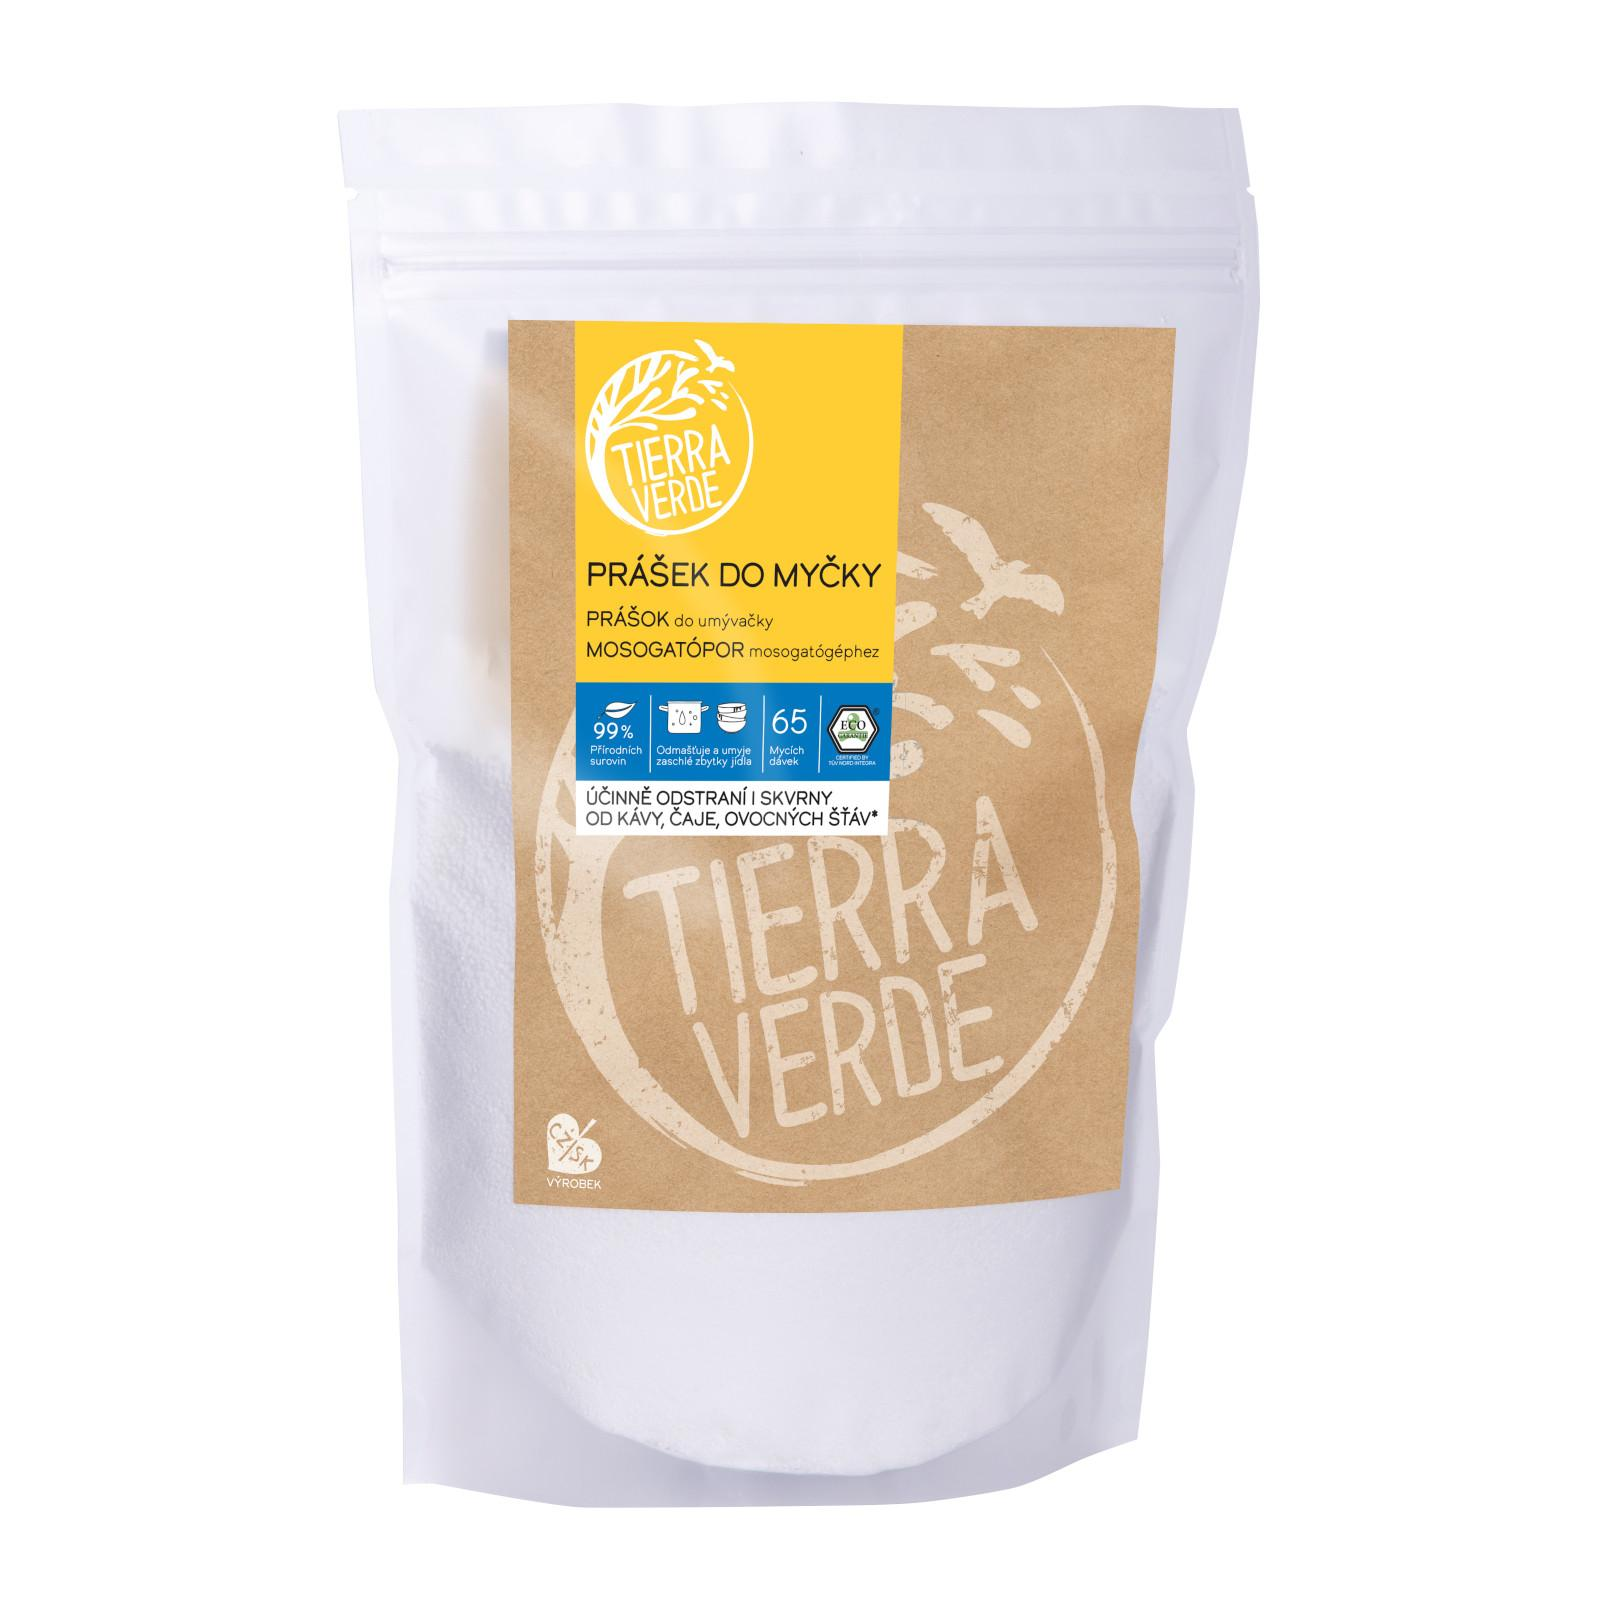 Tierra Verde Prášek do myčky 1 kg